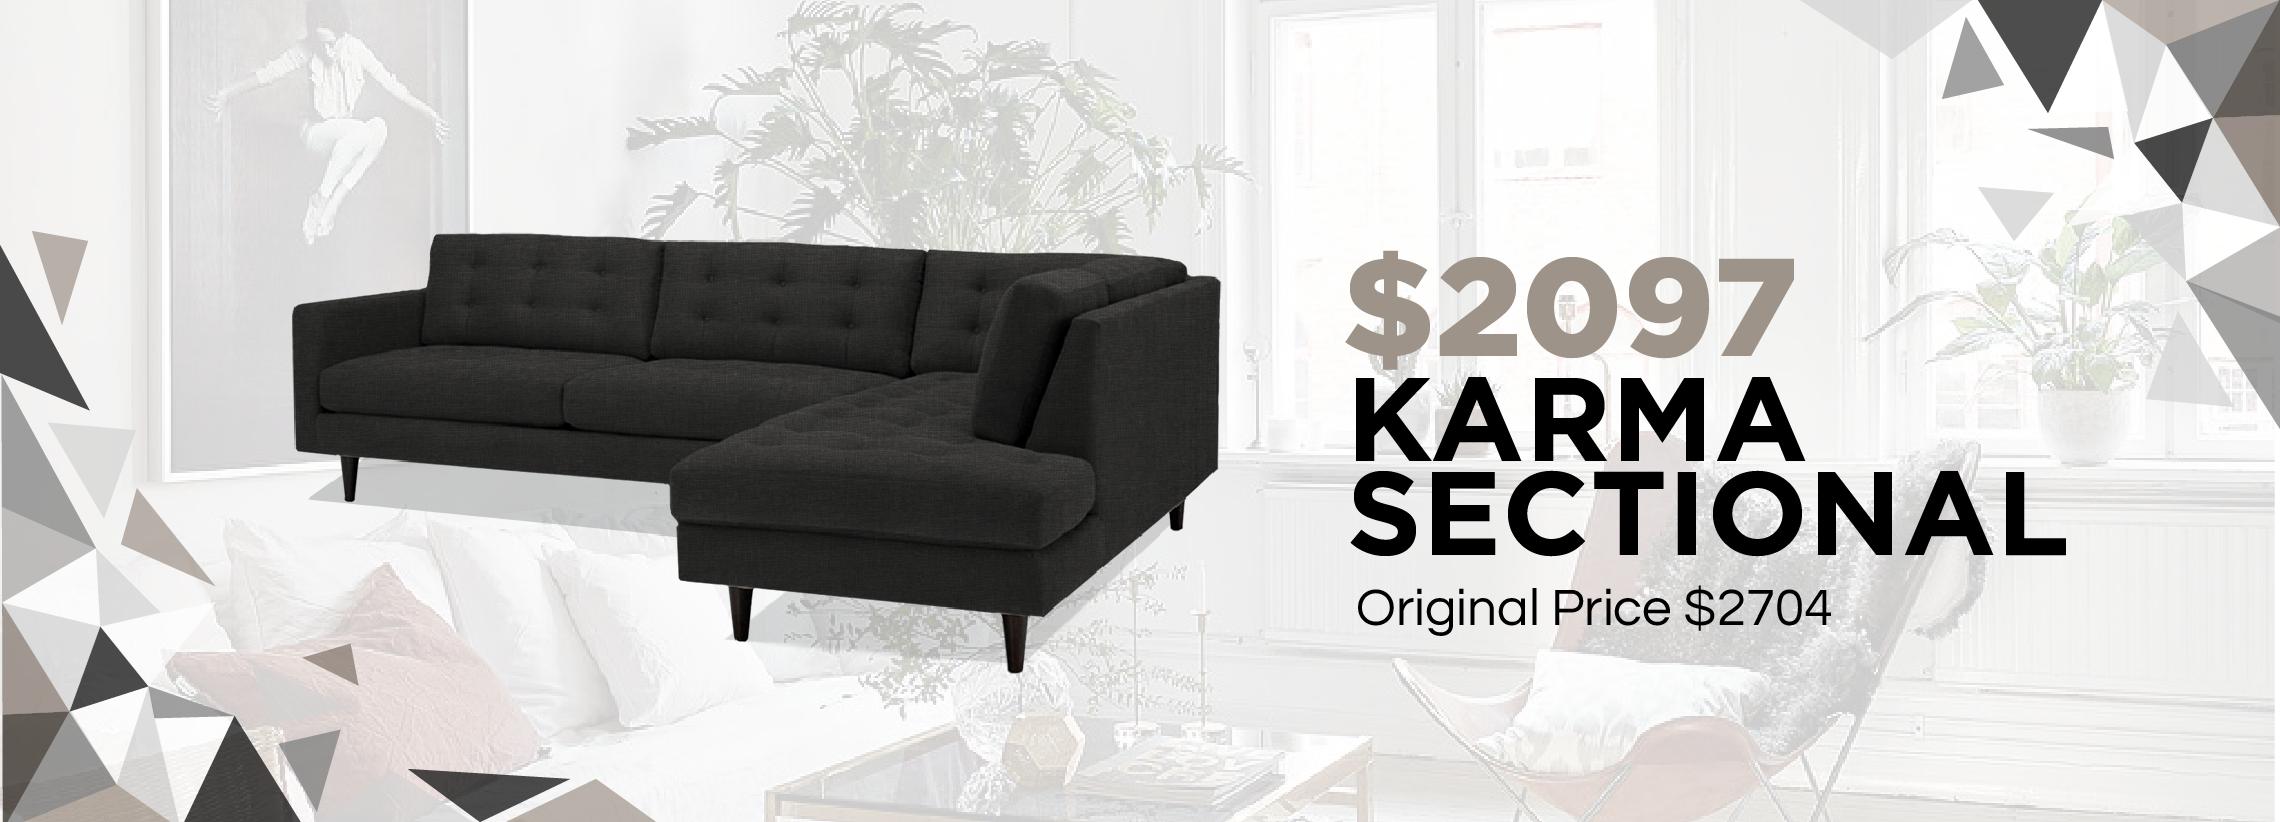 Luxury Modern Design Sofas - Furniture store | Sofas | Sectionals made in modern design sofas